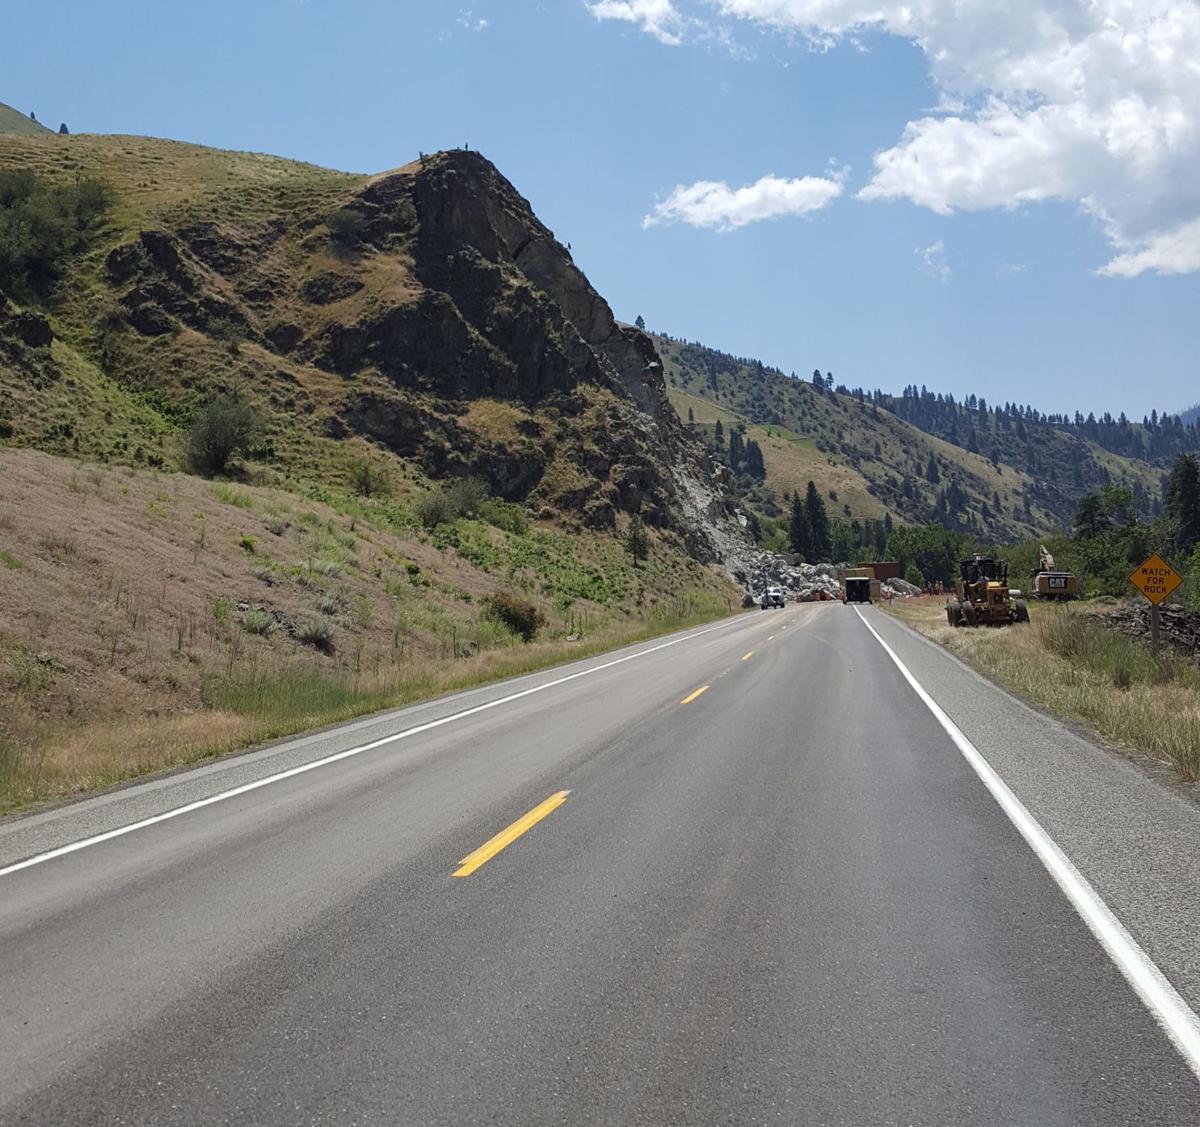 Rock slide on US 95 pic